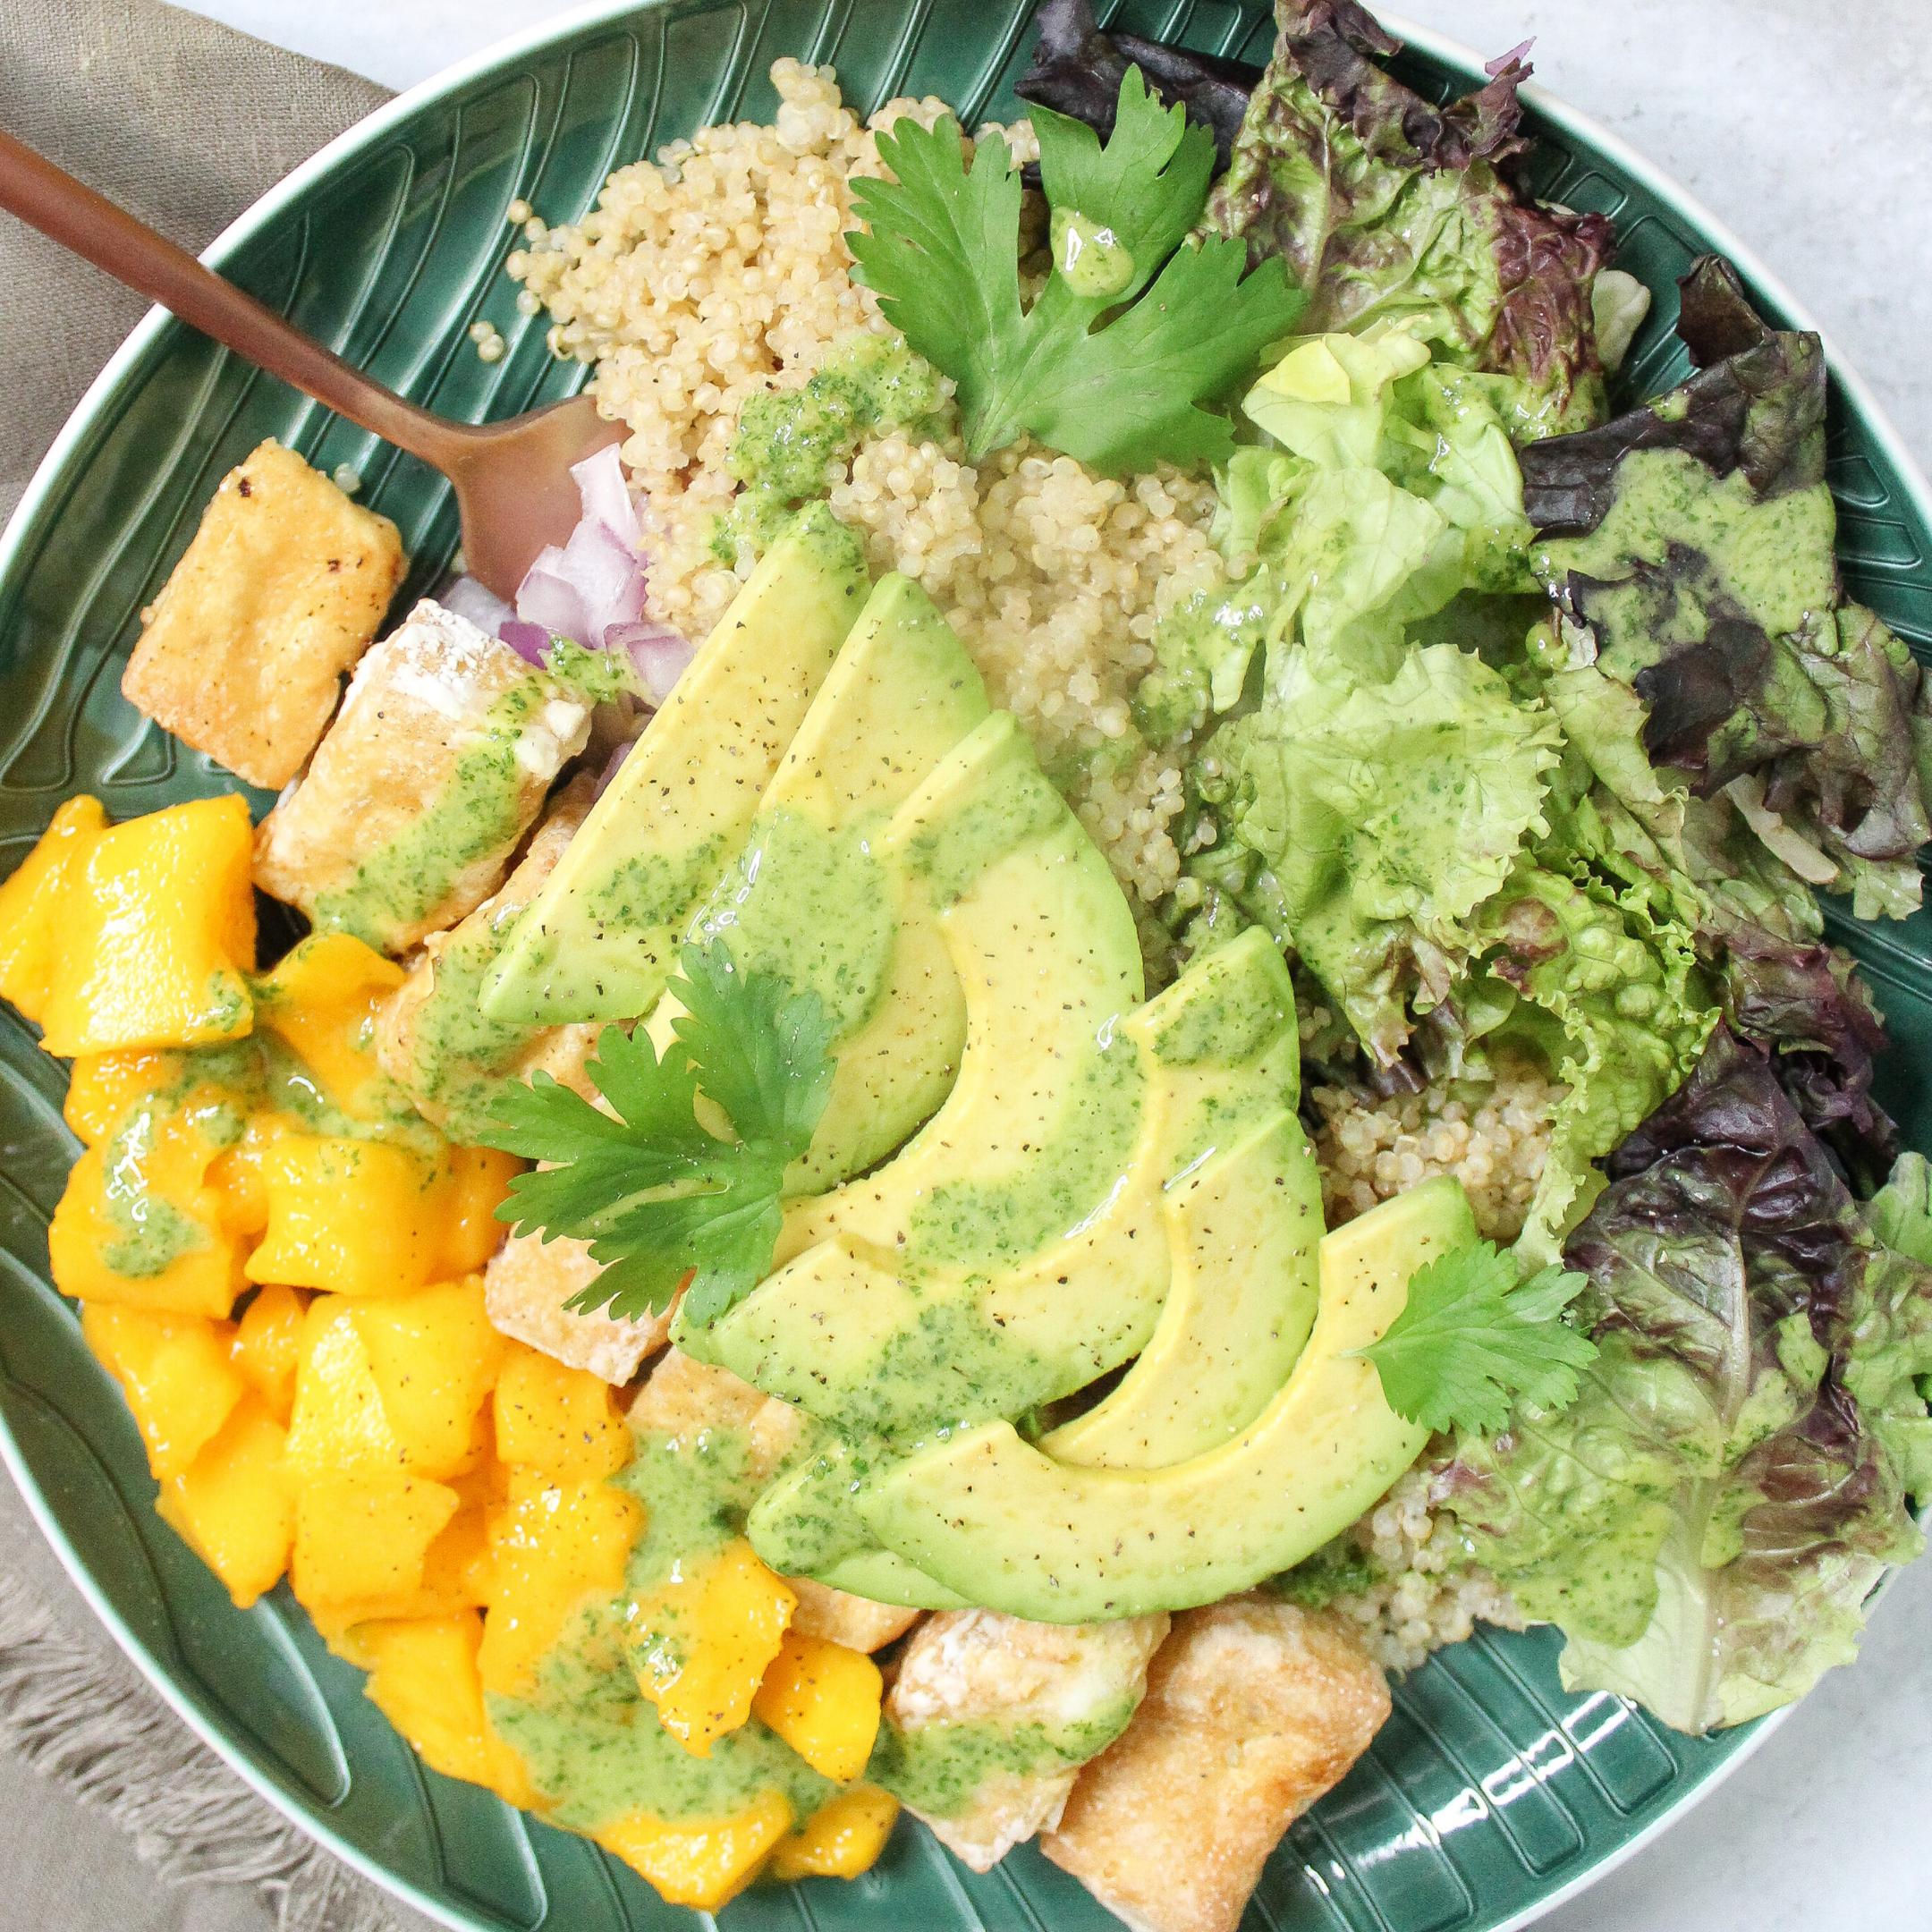 Mango Tofu Salad Vegan Quinoa Avocado Pineapple Cilantro Dressing Meal Prep Featured Image